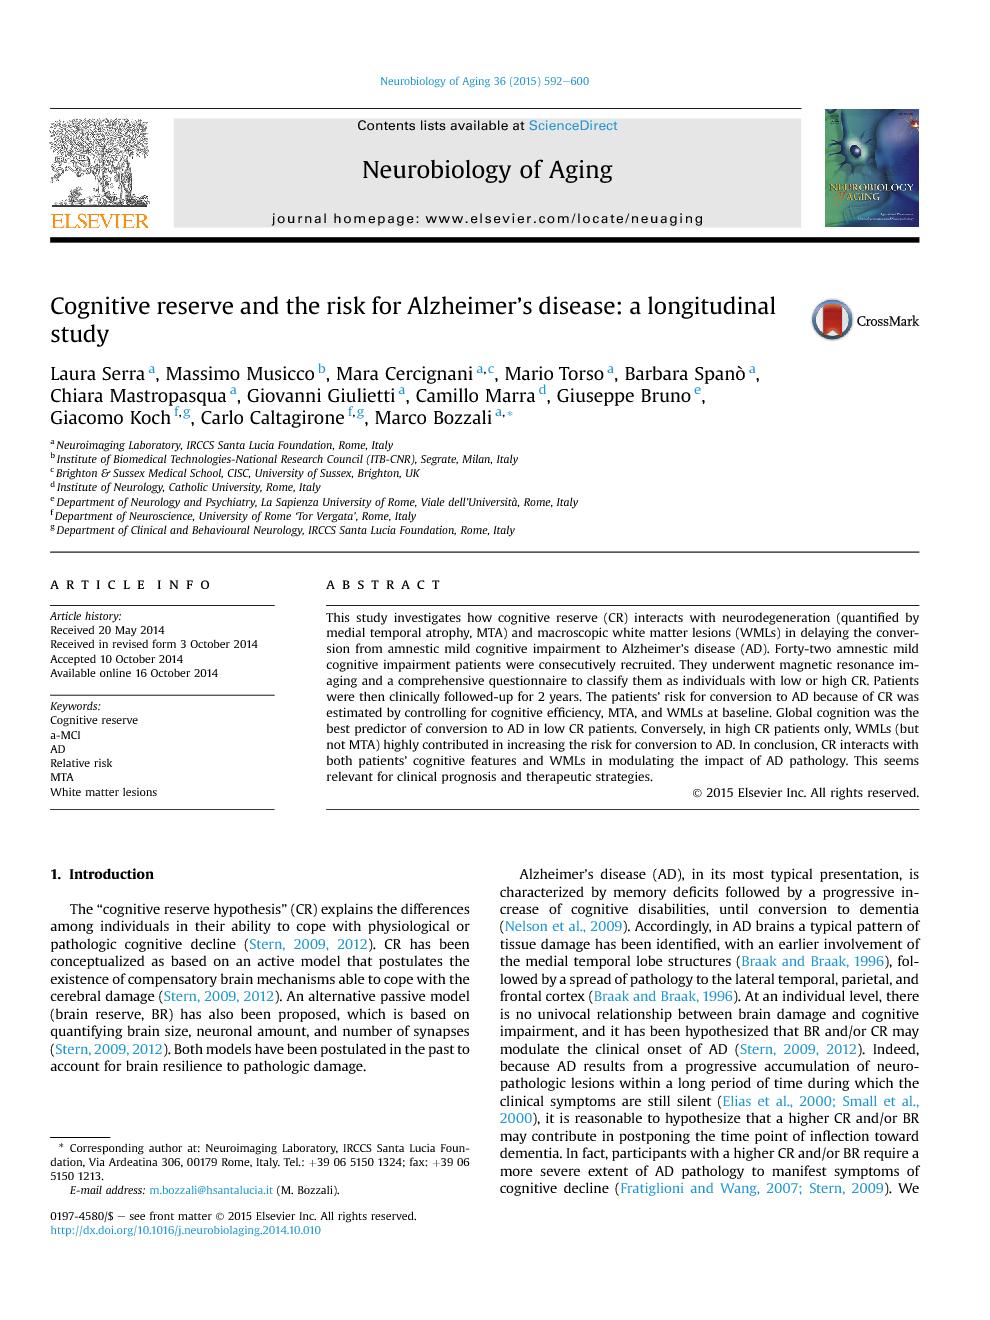 پیش نمایش مقاله ذخیره شناختی و خطر ابتلا به بیماری آلزایمر: یک مطالعه طولی